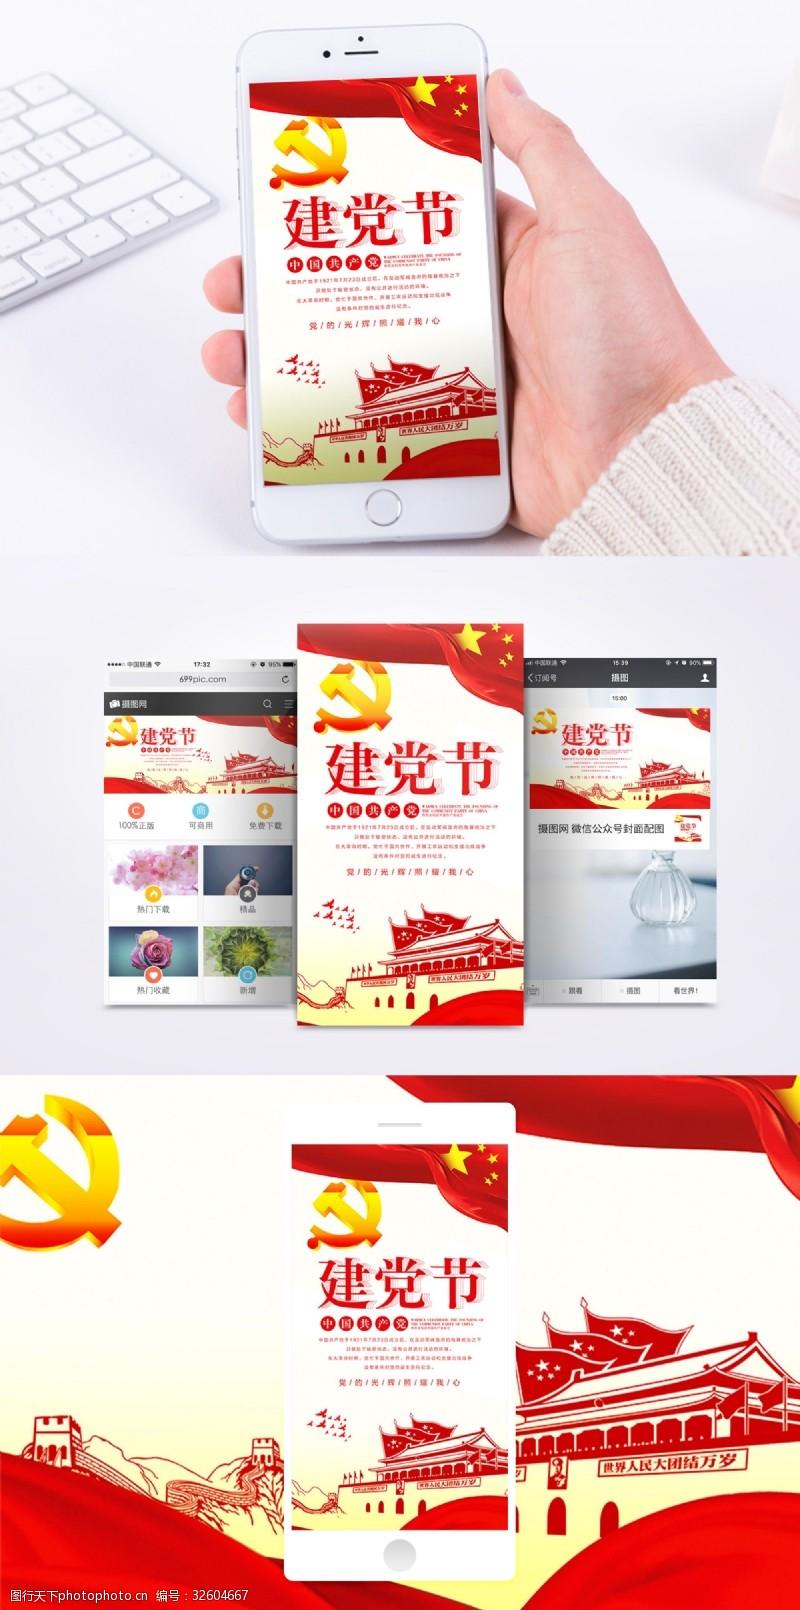 党建日七一建党节手机海报配图